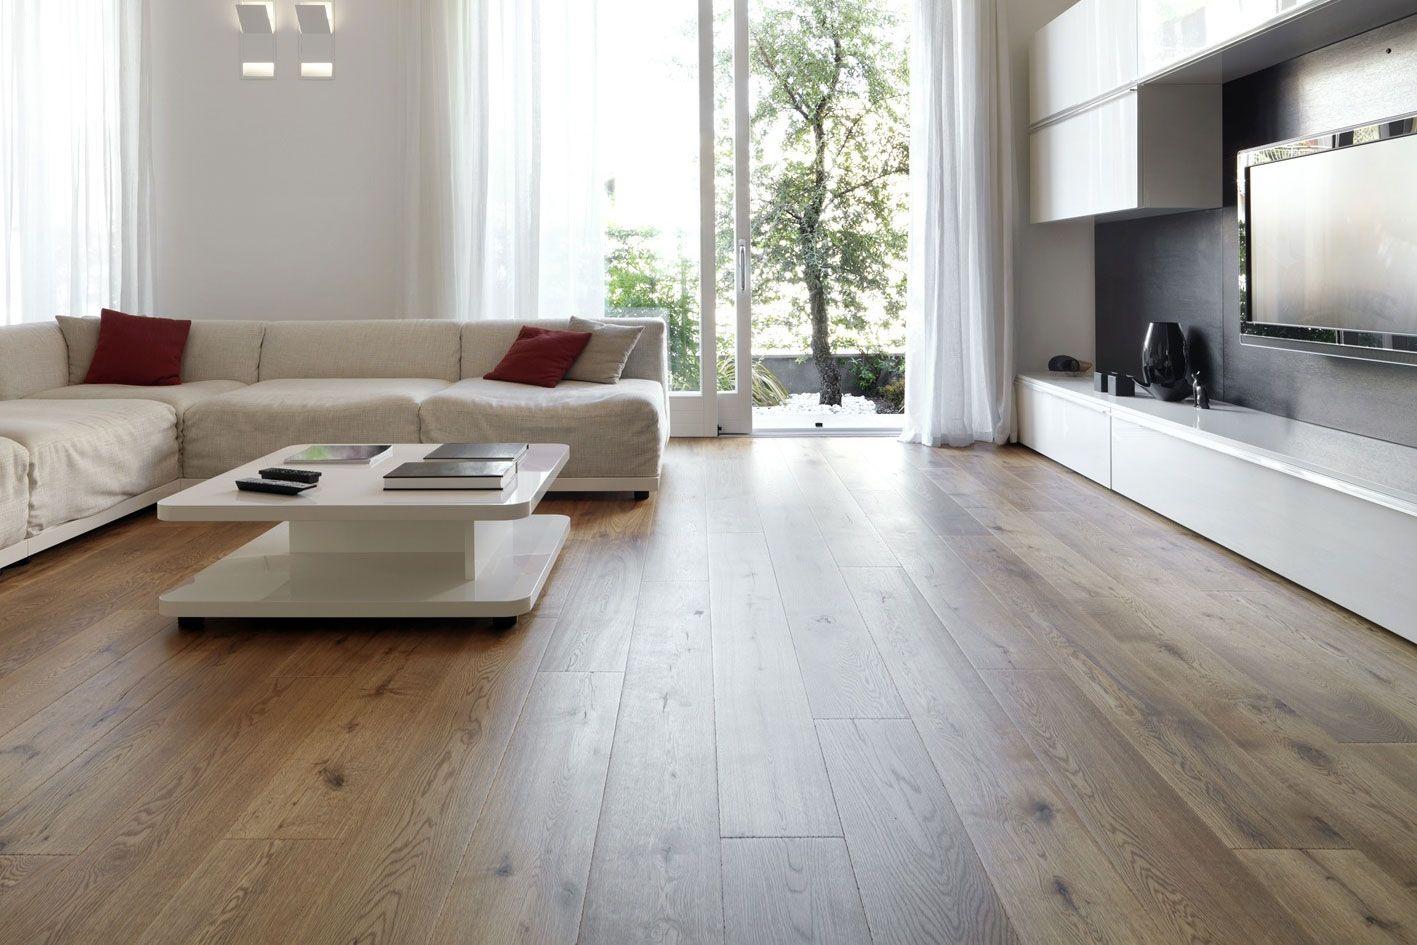 Ventajas suelo radiante | 01_Eficiencia enerxética | | Pinterest ...